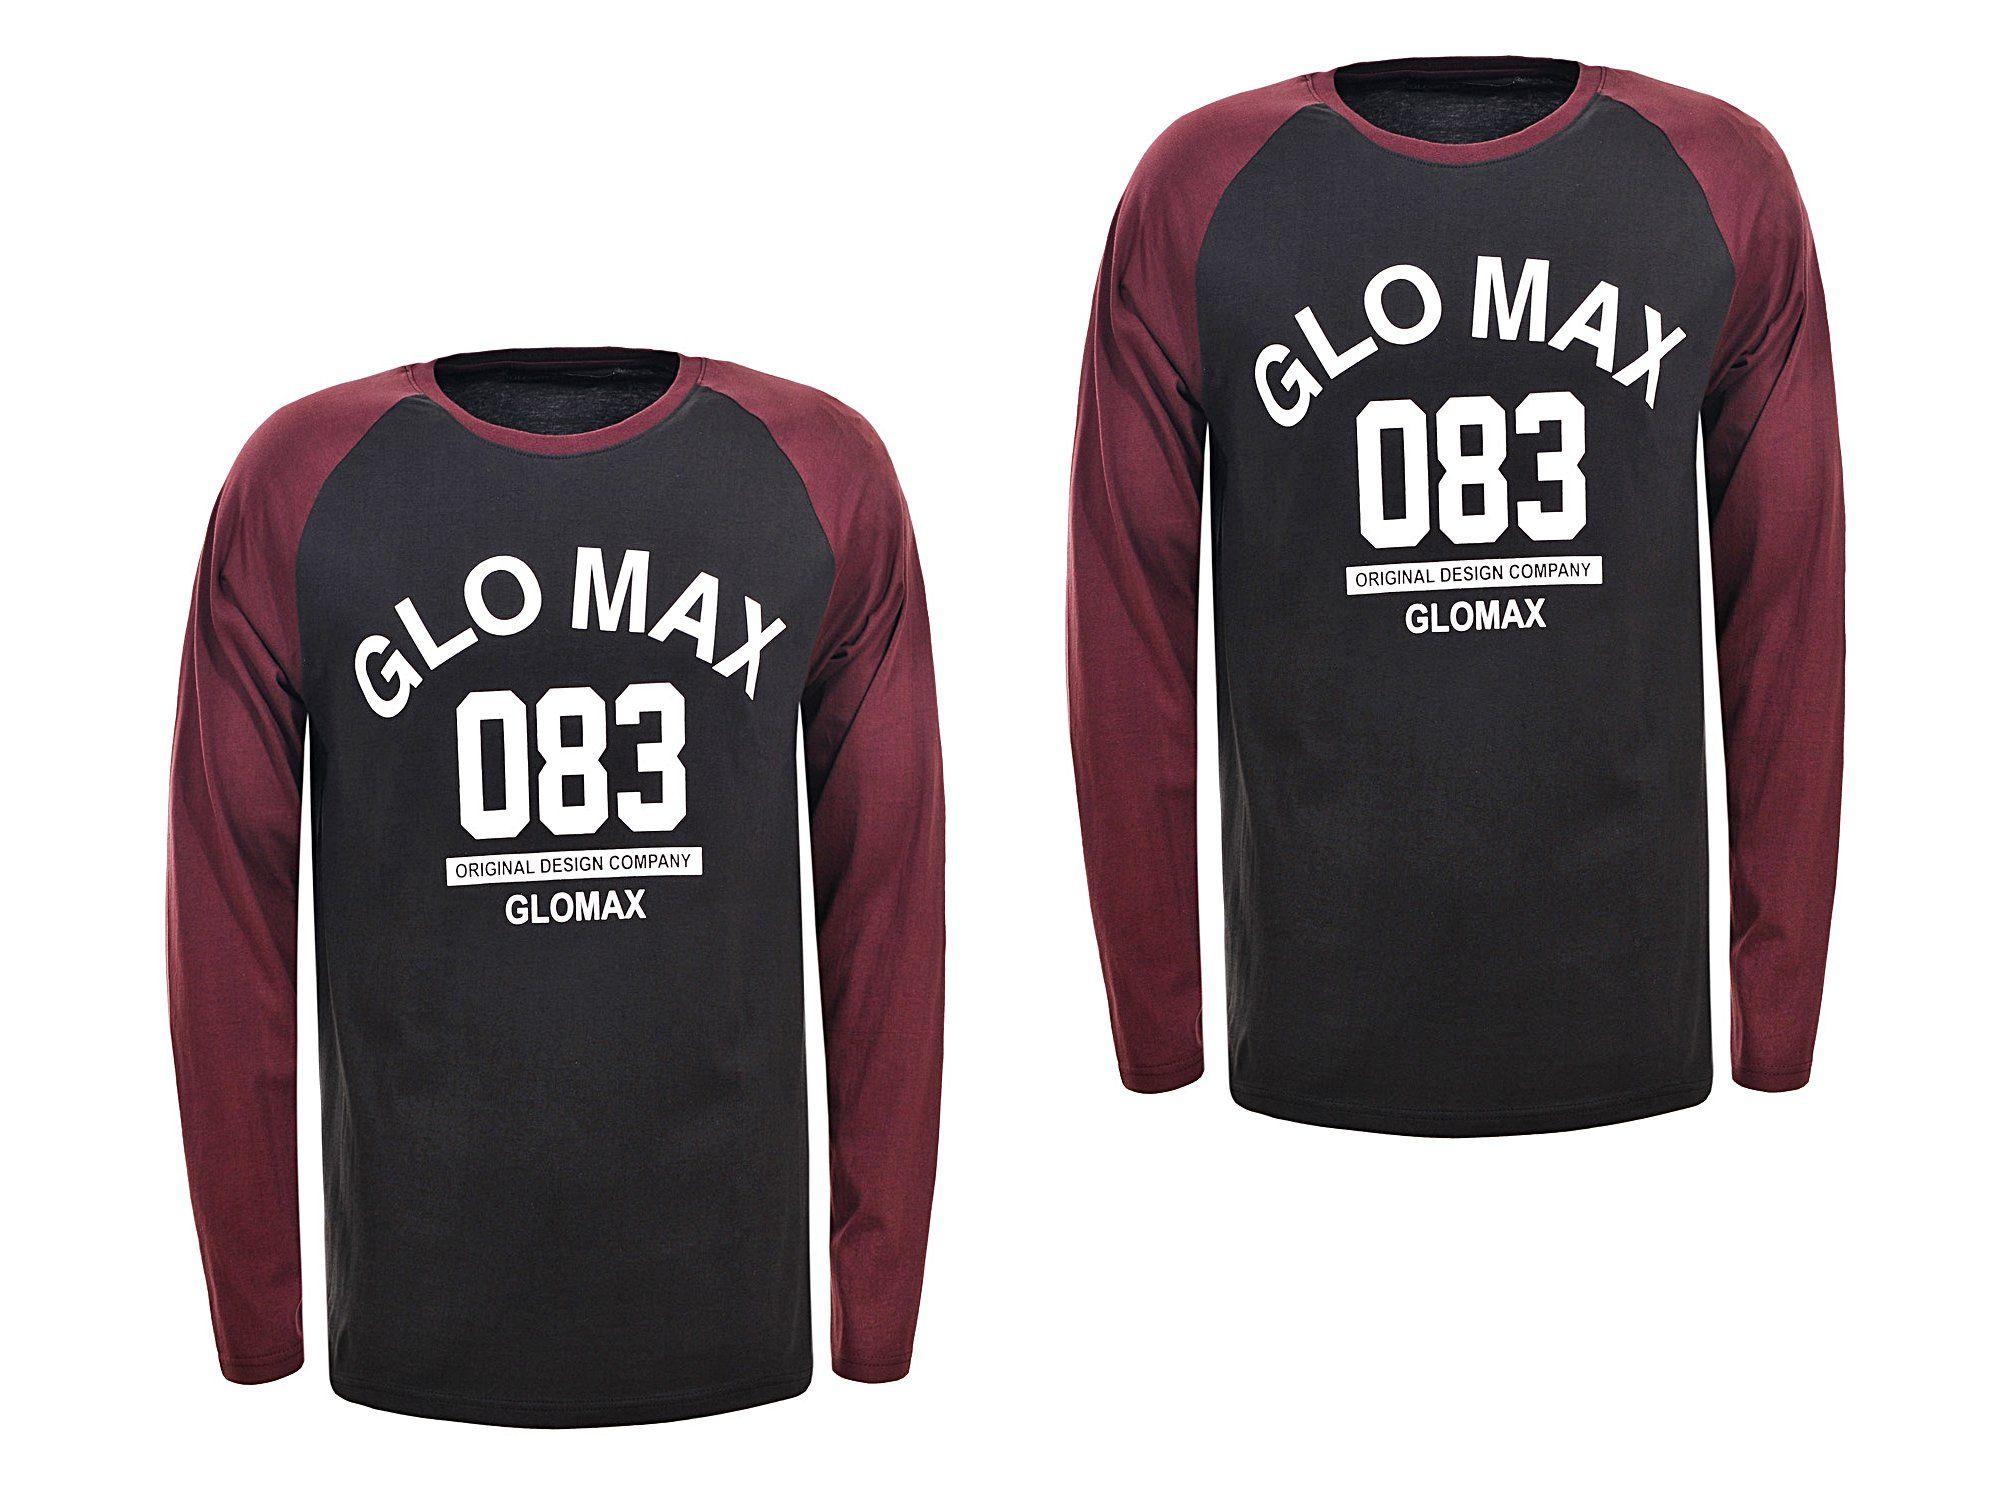 Bluzka Meska Z Dlugim Rekawem Longsleeve Bluza Xl 6936909704 Oficjalne Archiwum Allegro Sweatshirts Fashion Sweaters